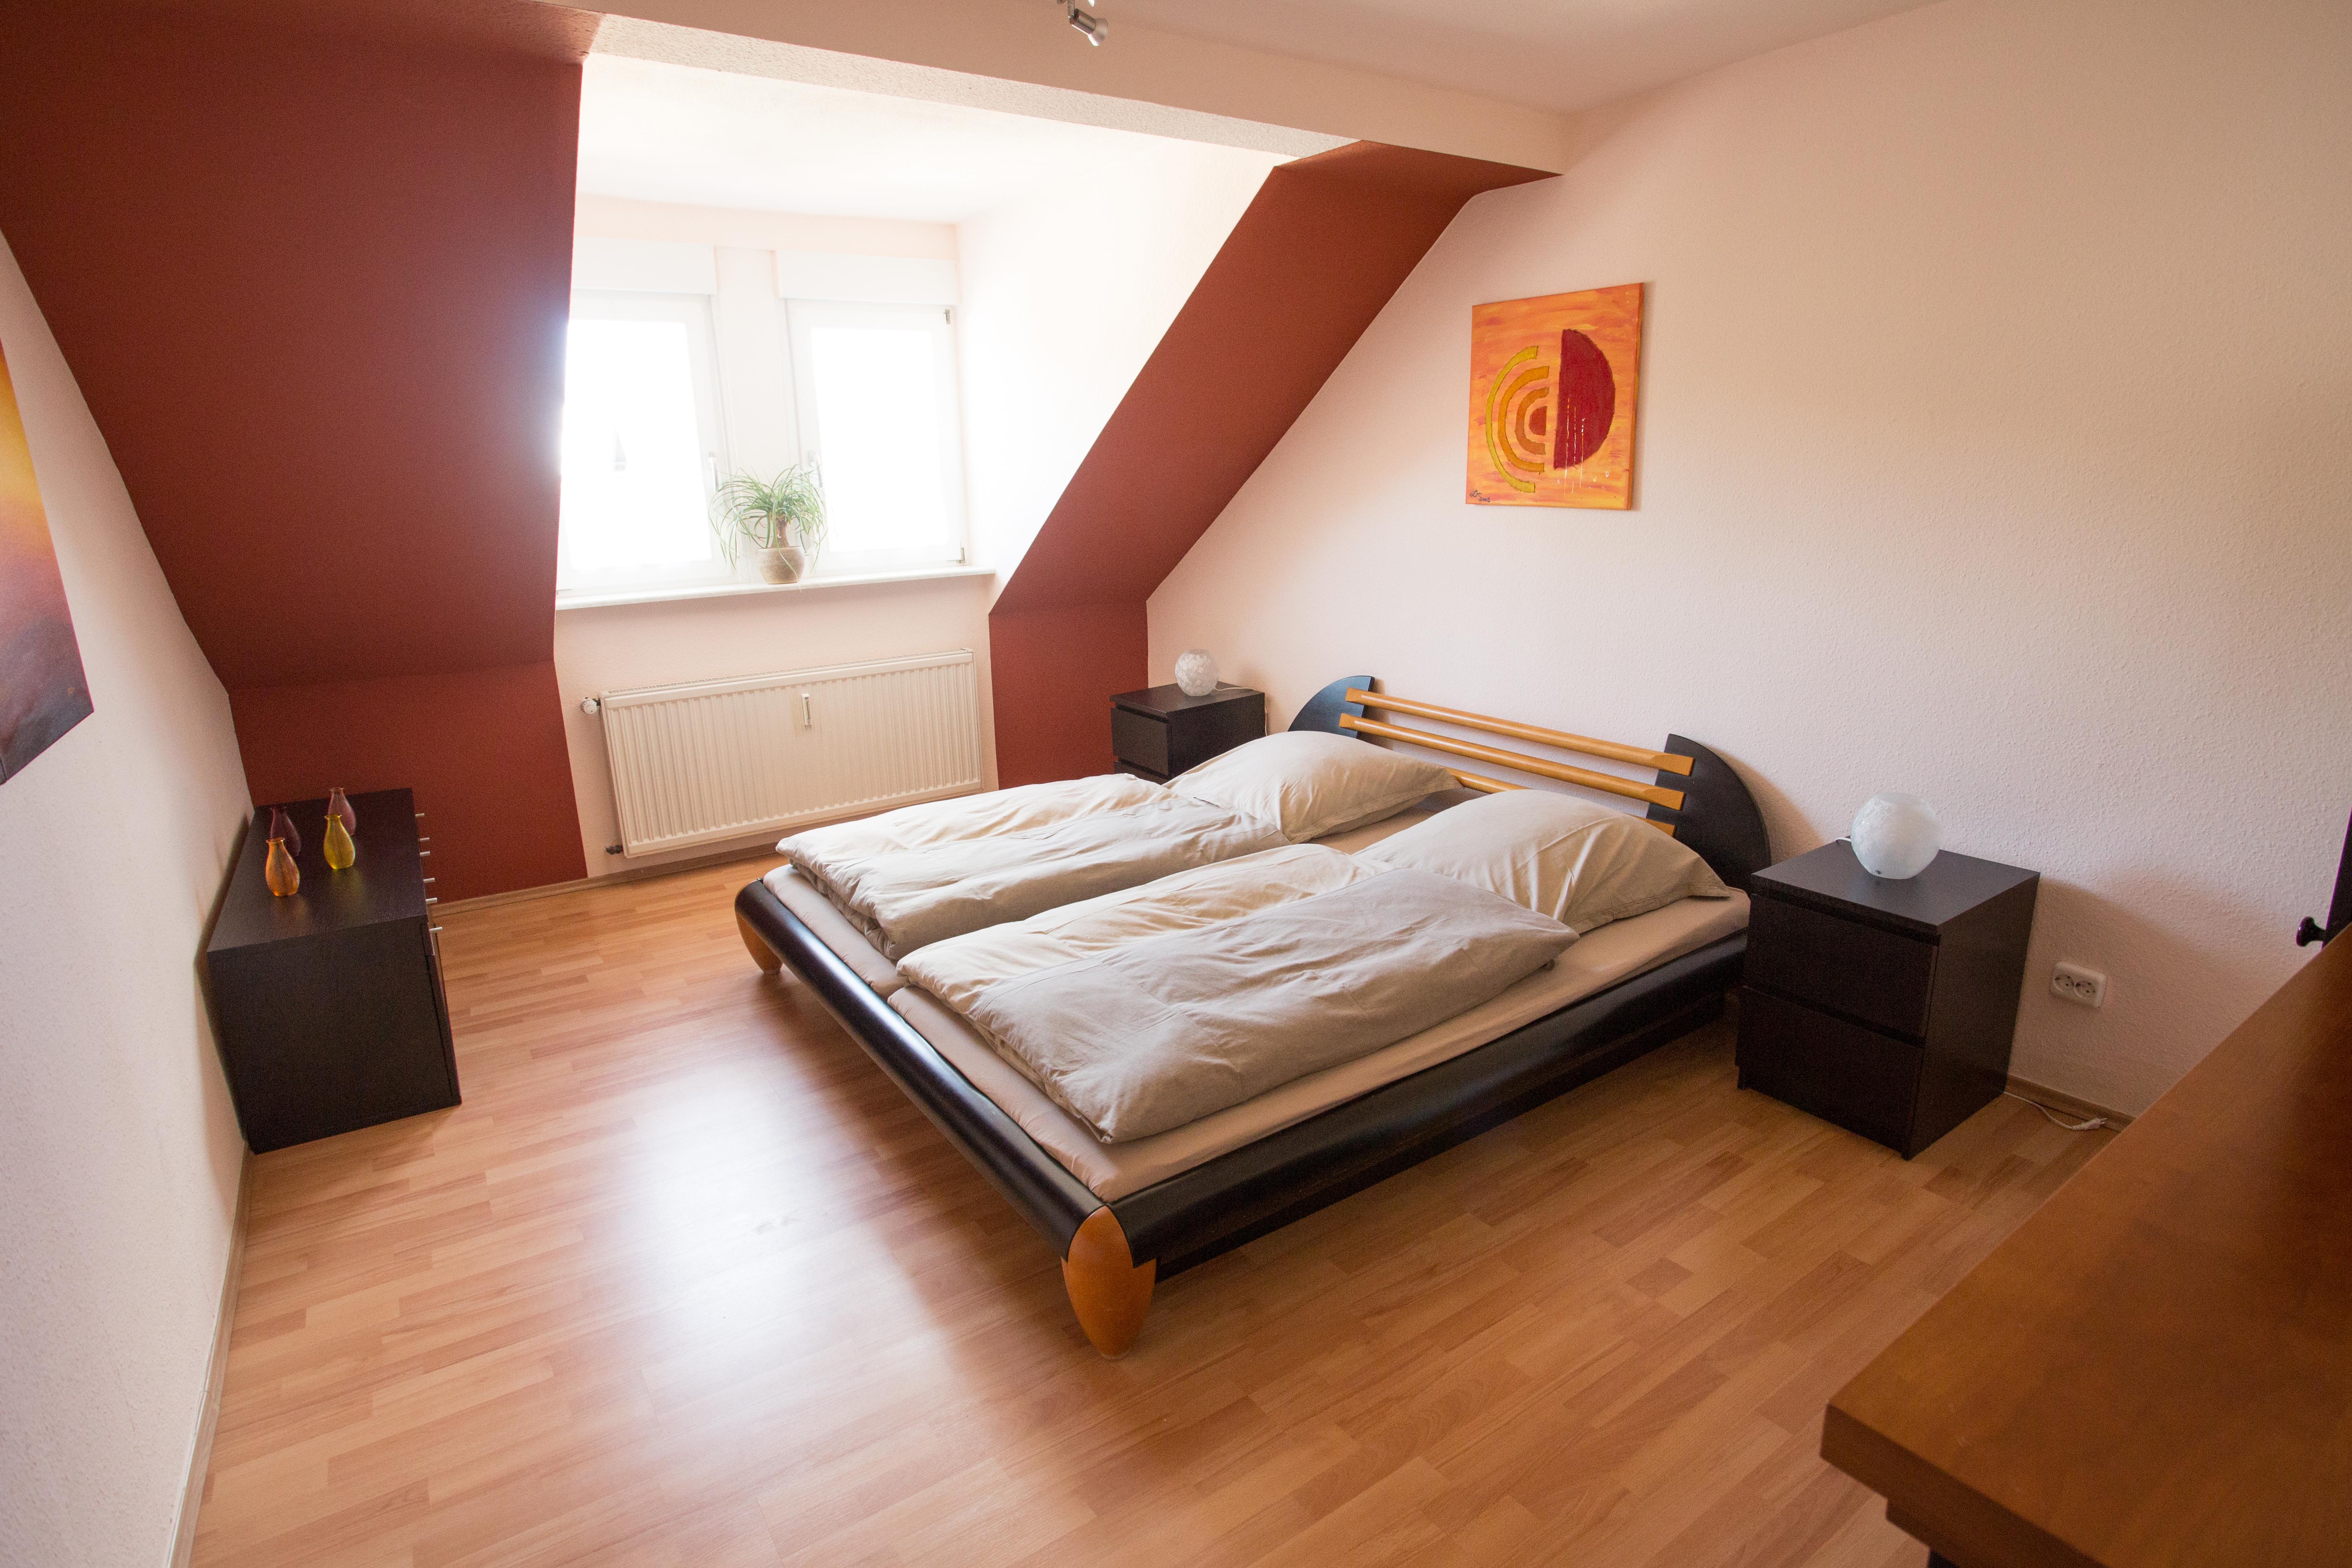 Gaubenschlafzimmer